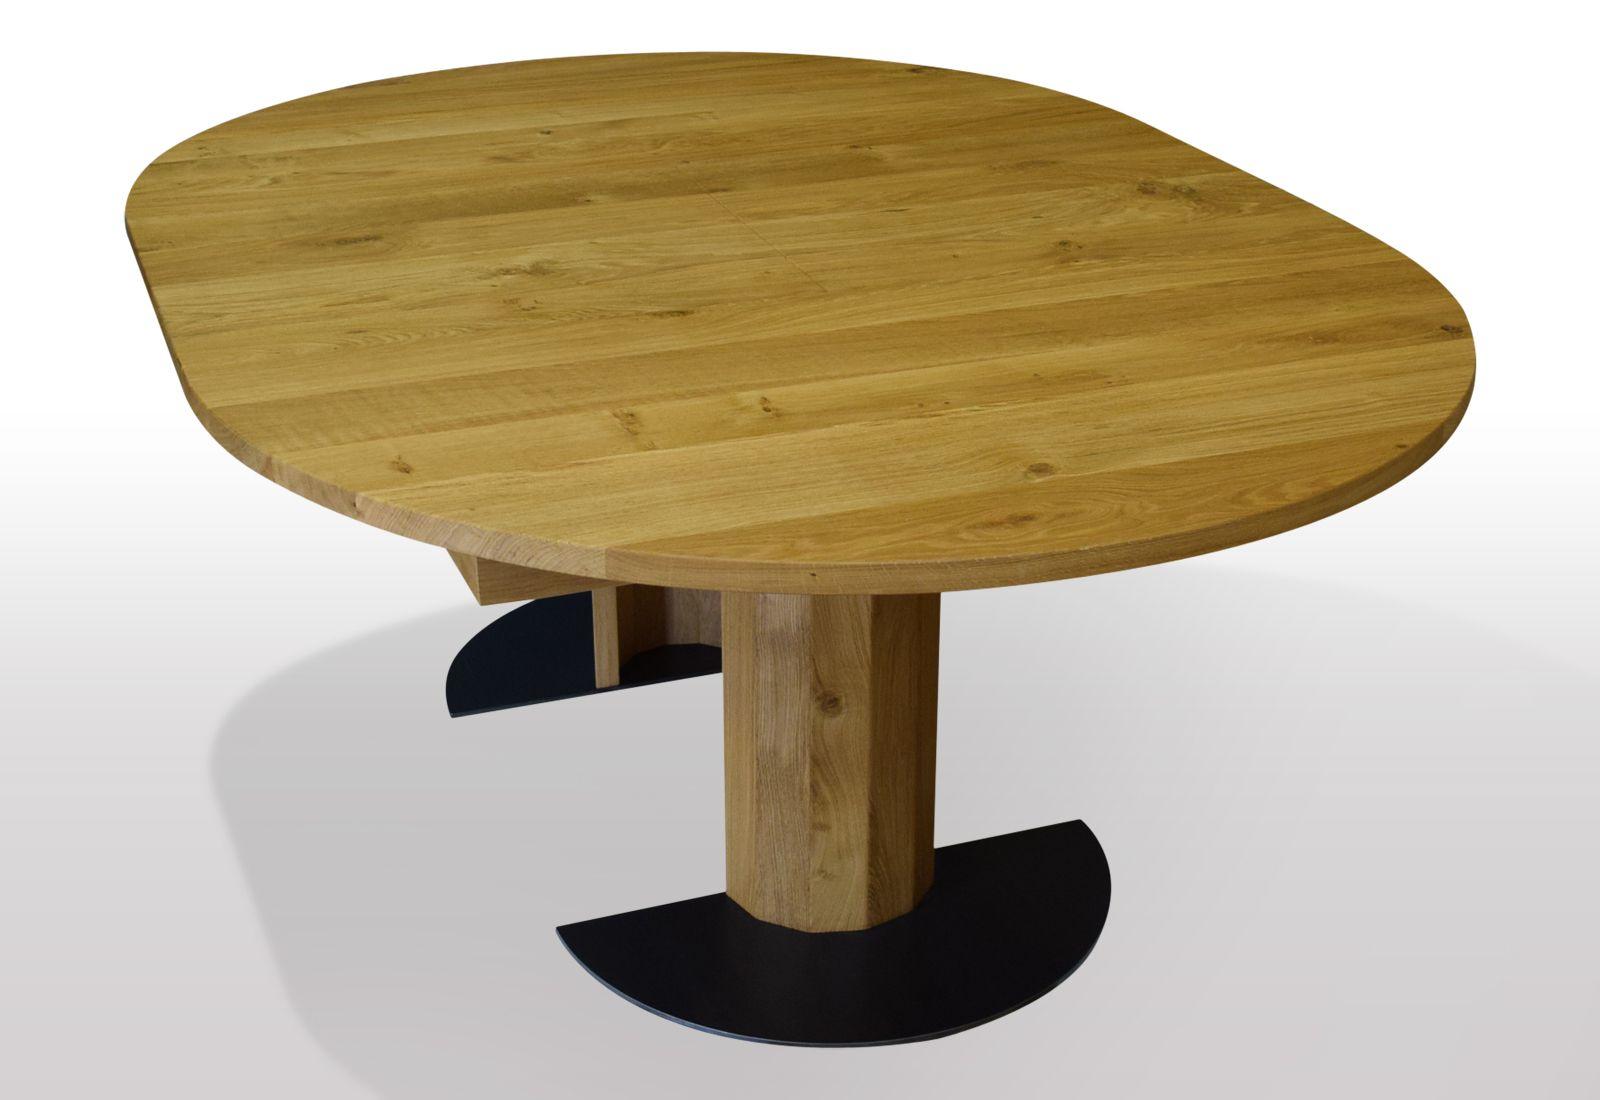 runder esstisch eiche massiv ausziehbar per mittelauszug ausf hrung auf holzs ule mit. Black Bedroom Furniture Sets. Home Design Ideas